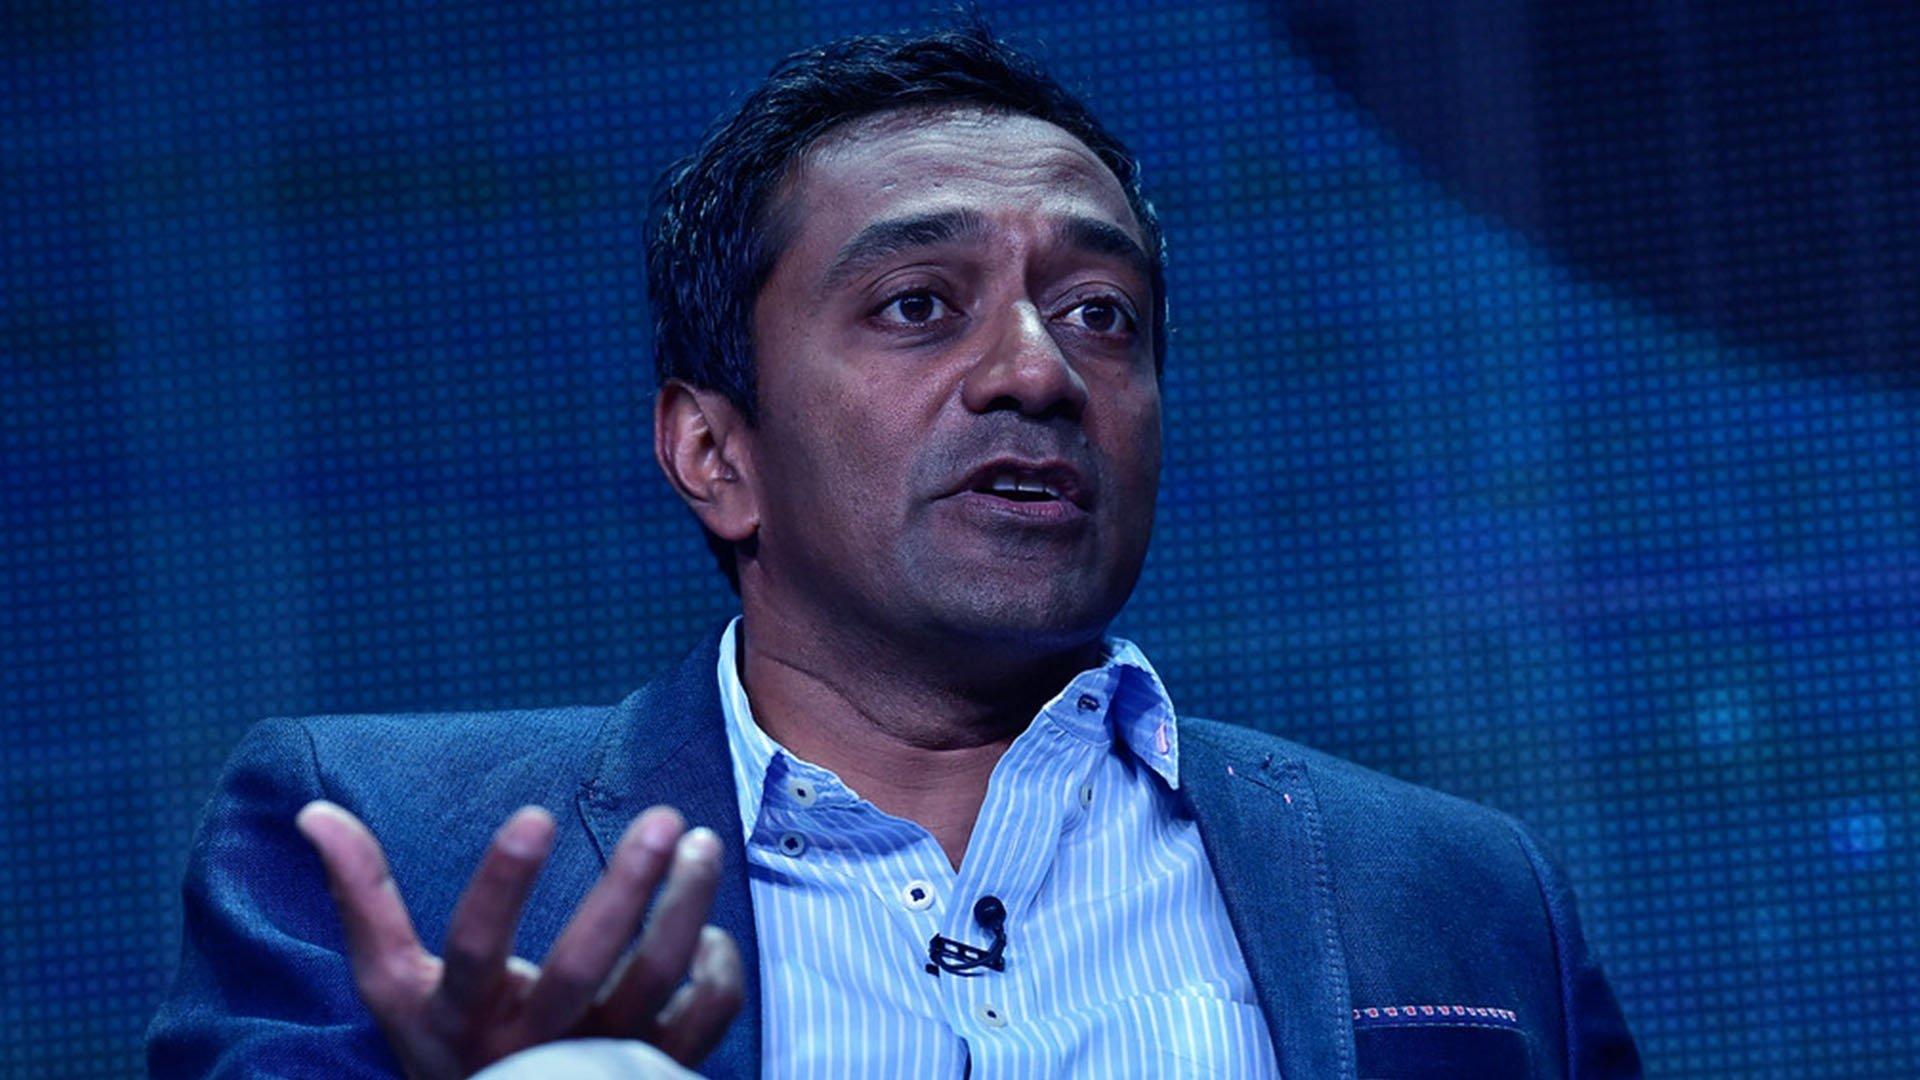 Il Dr. M. Sanjayan è un famoso scienziato conservazionista